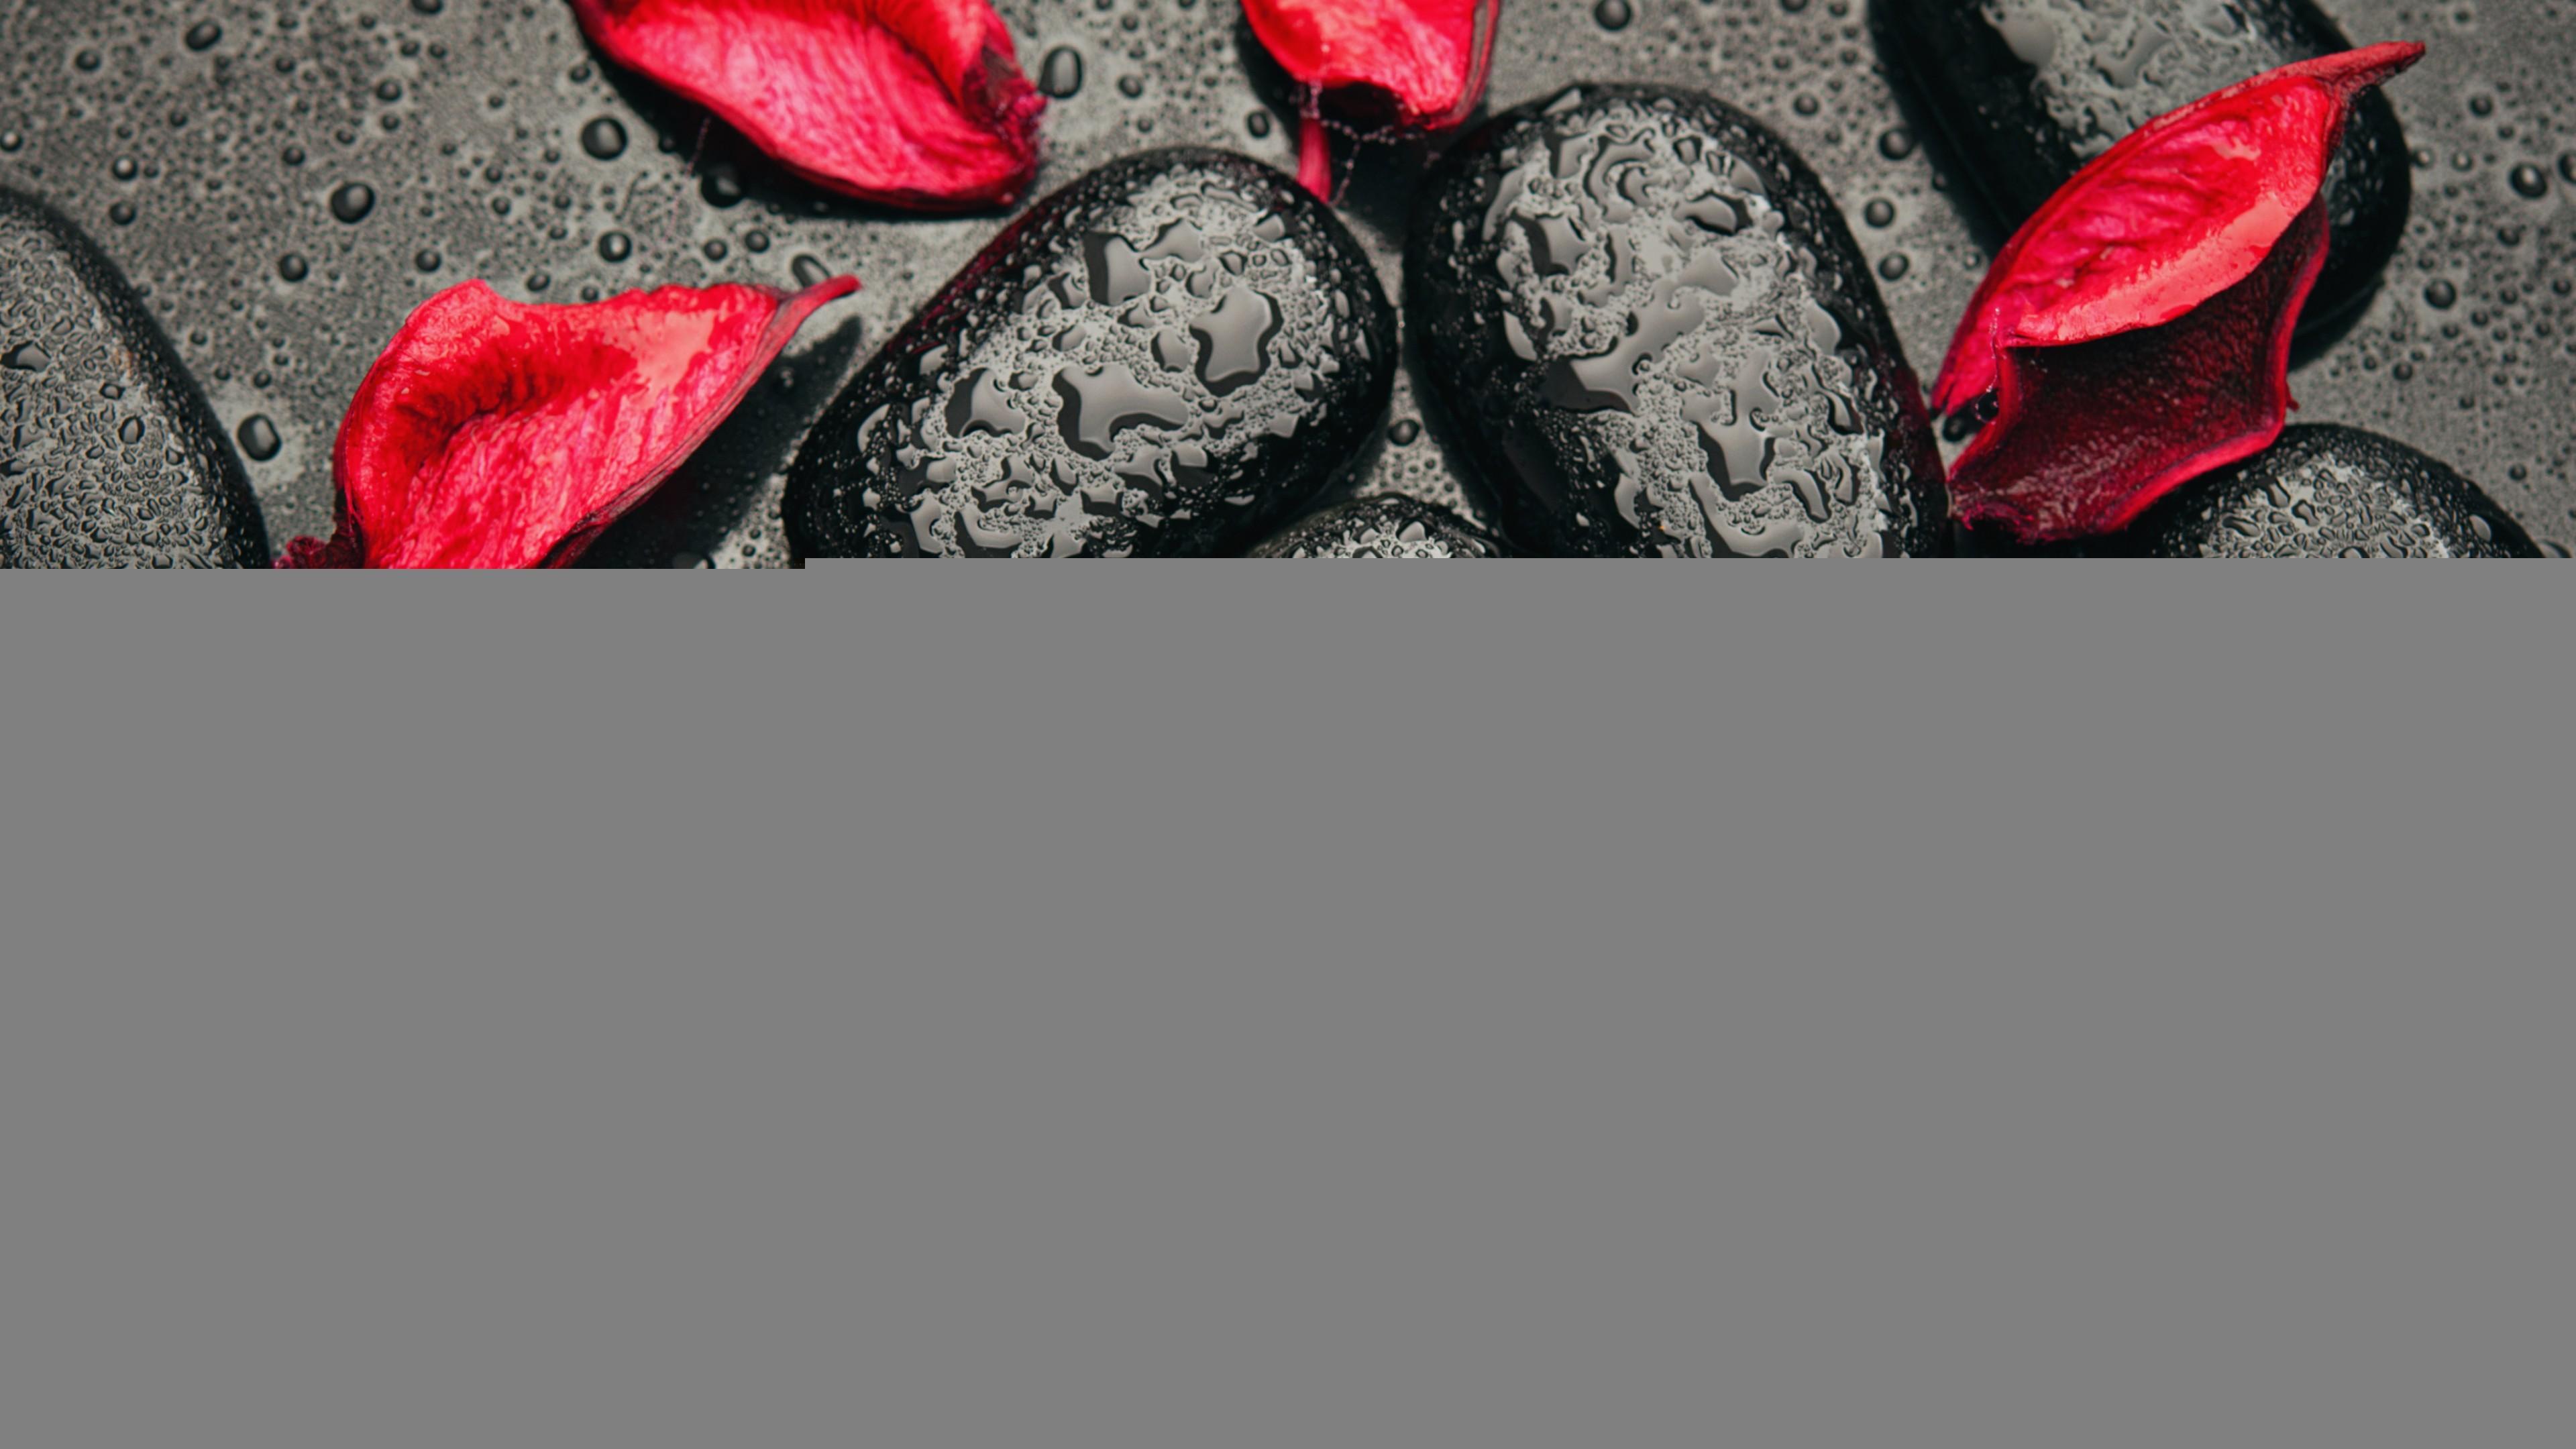 Tags: Red petals, Black stones, 4K